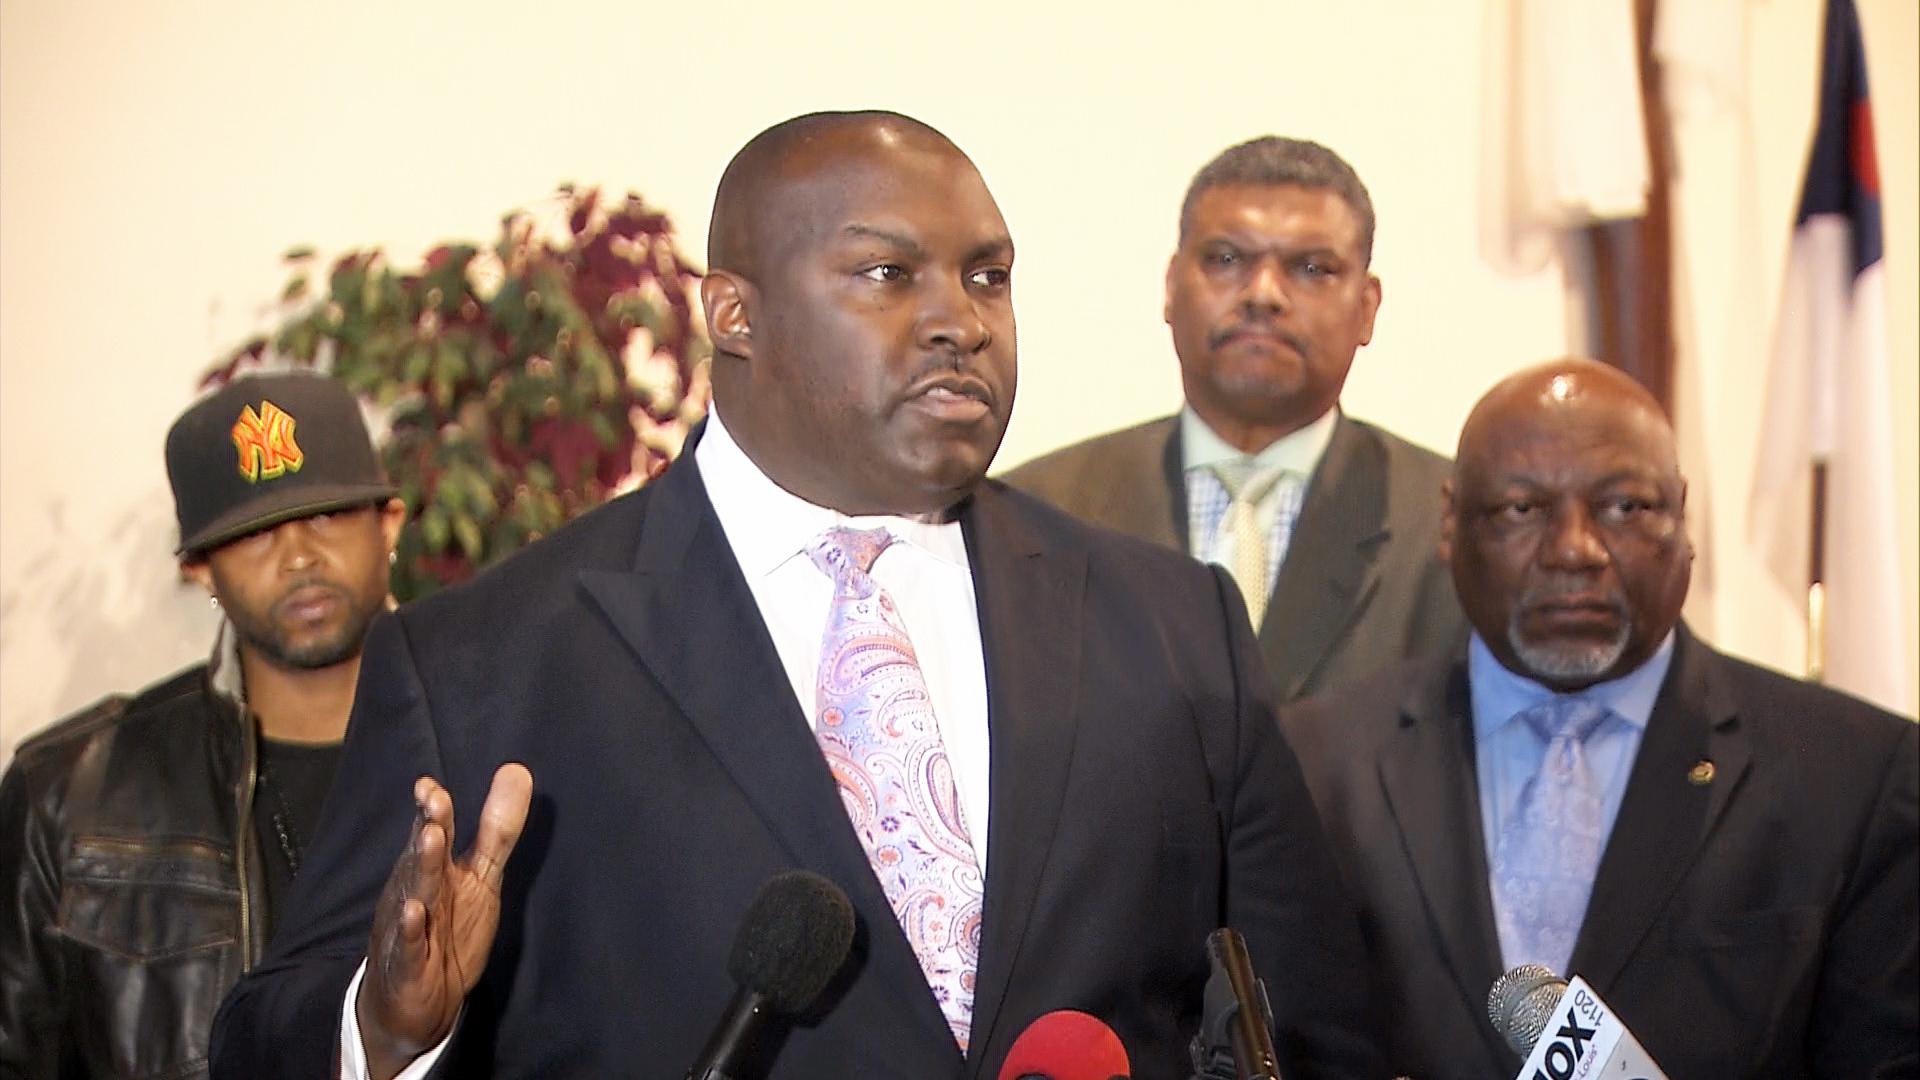 Michael Brown's Parents Plan Lawsuit Against Darren Wilson, Ferguson